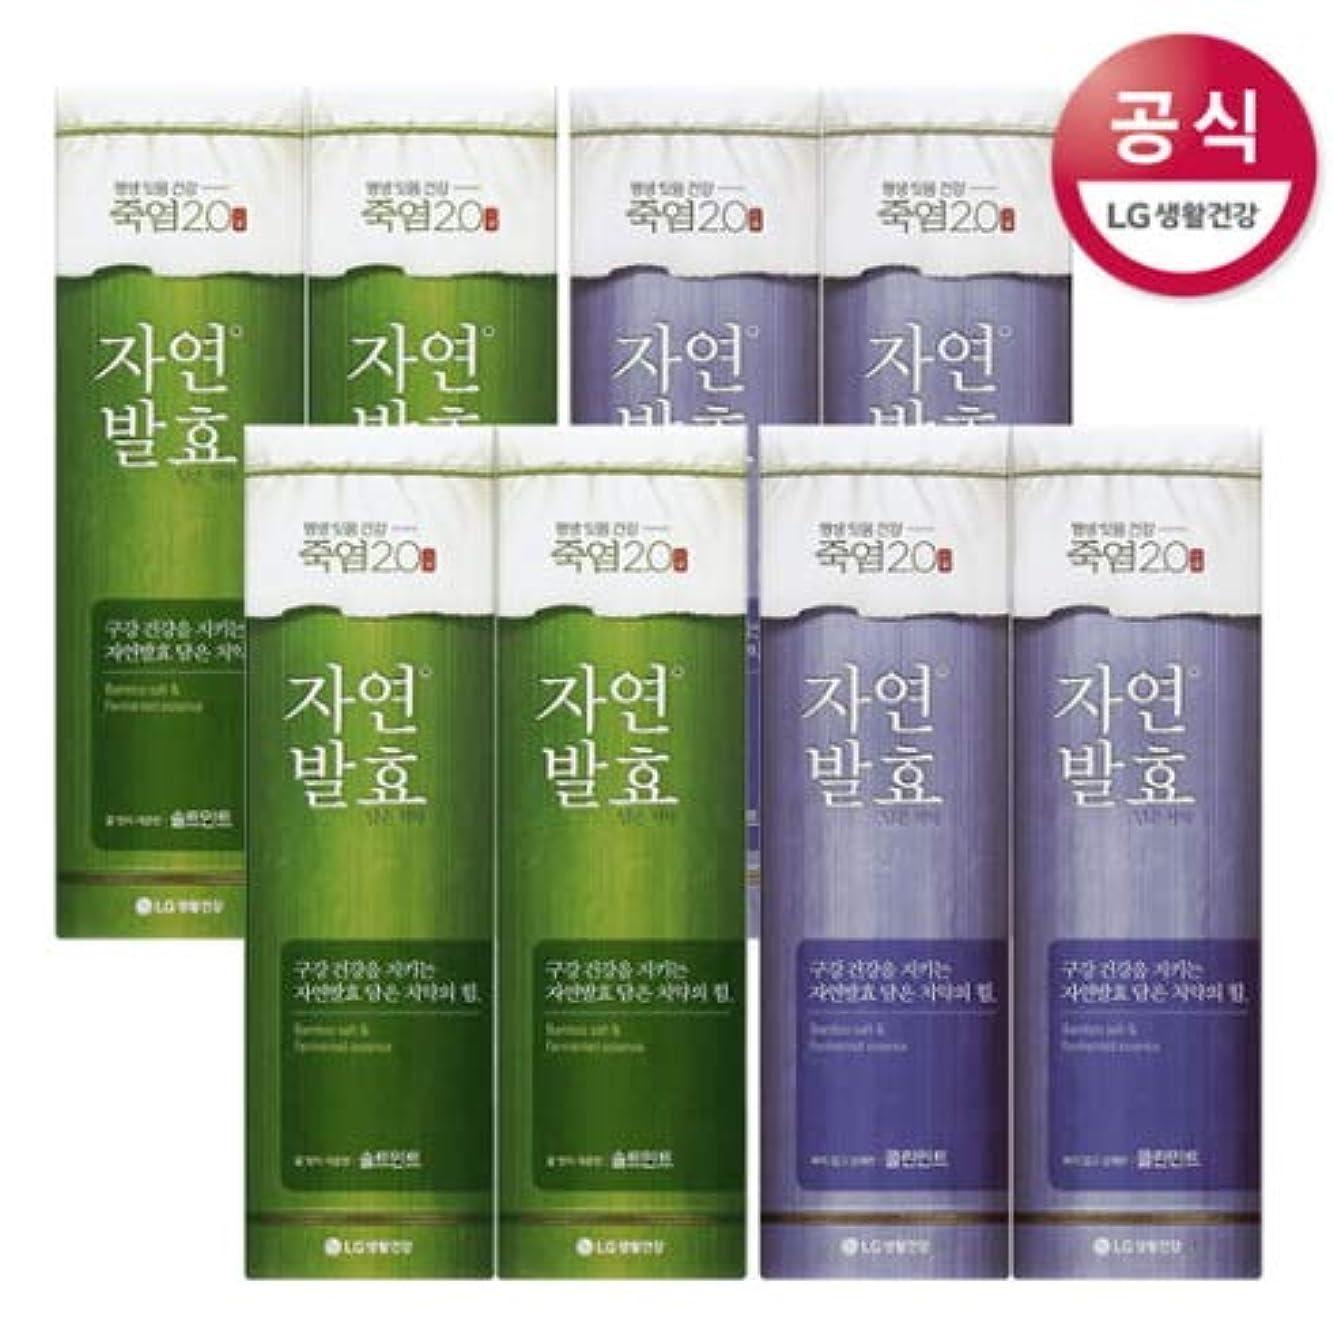 テザー長さ平らにする[LG HnB] Bamboo salt natural fermentation toothpaste/竹塩自然発酵入れた歯磨き粉 100gx8個(海外直送品)